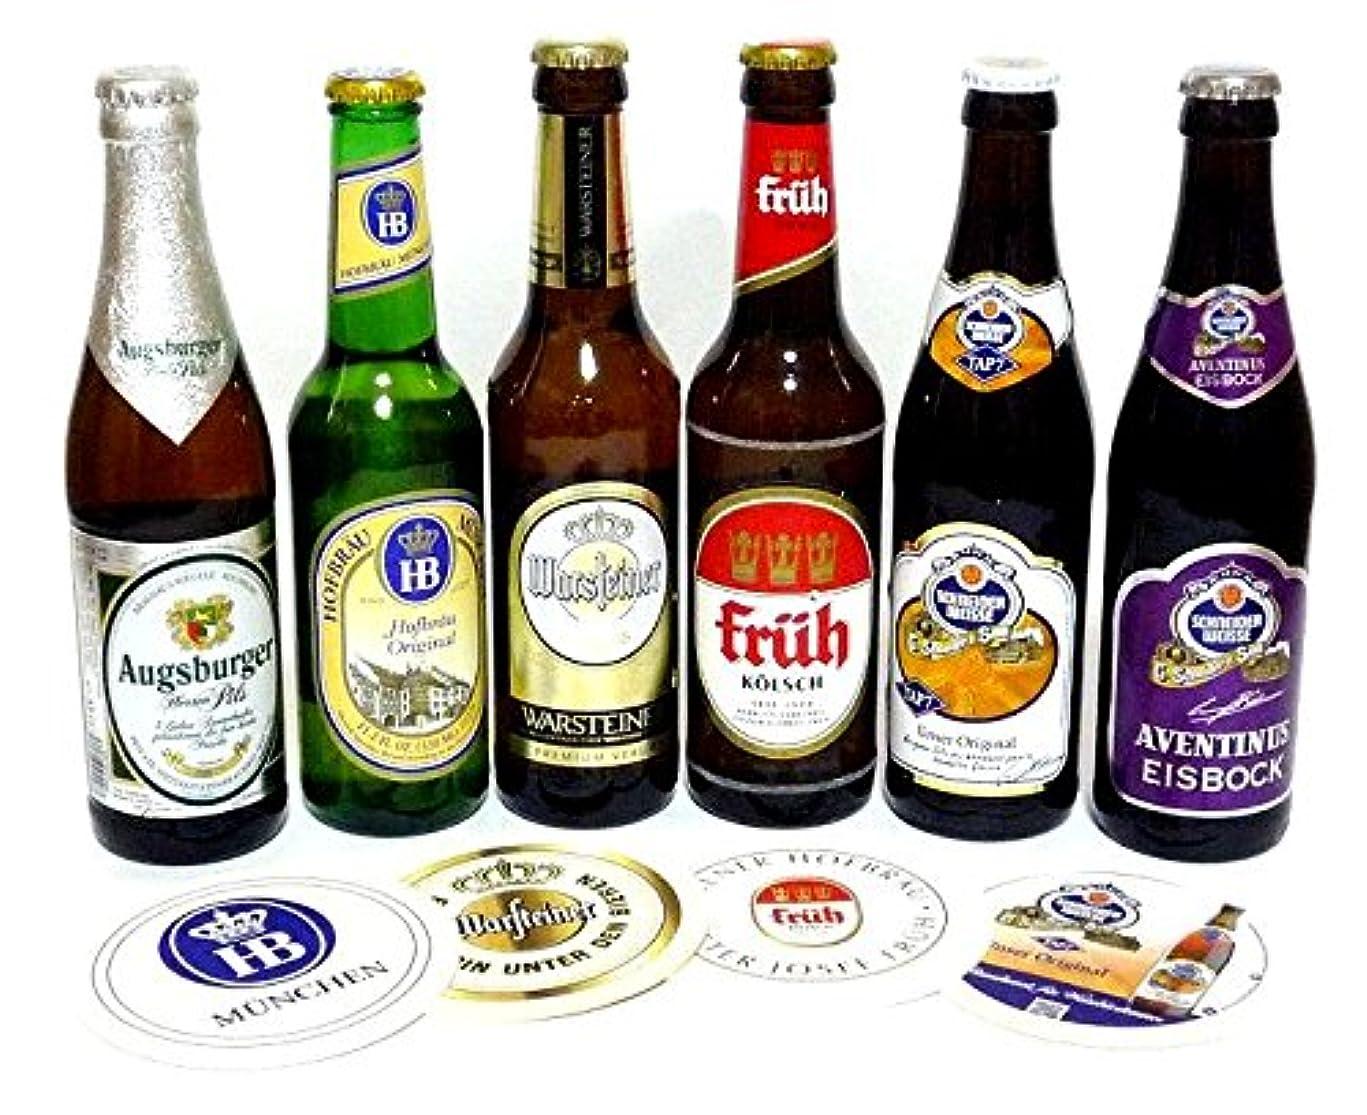 コンペ類似性処理するドイツビール飲み比べ6種12本セット オリジナルコースター付 330ml